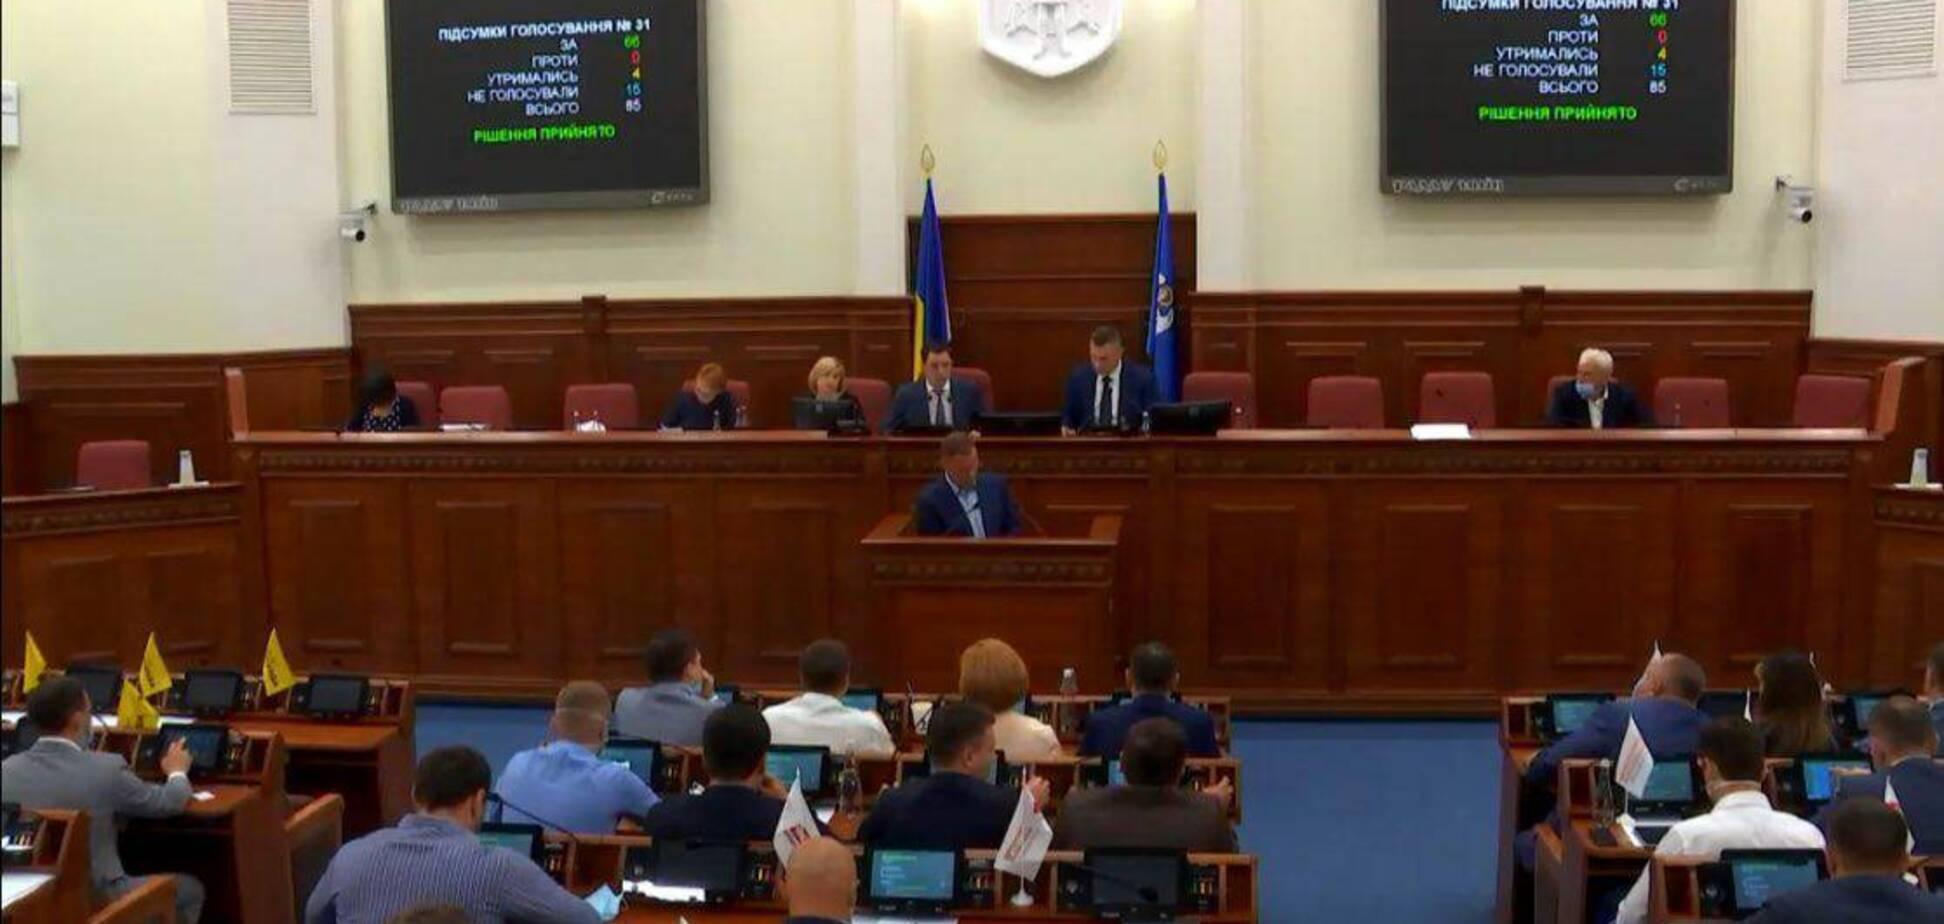 Київміськбуд зітхнув з полегшенням: об'єкти Укрбуду звільнили від пайової участі